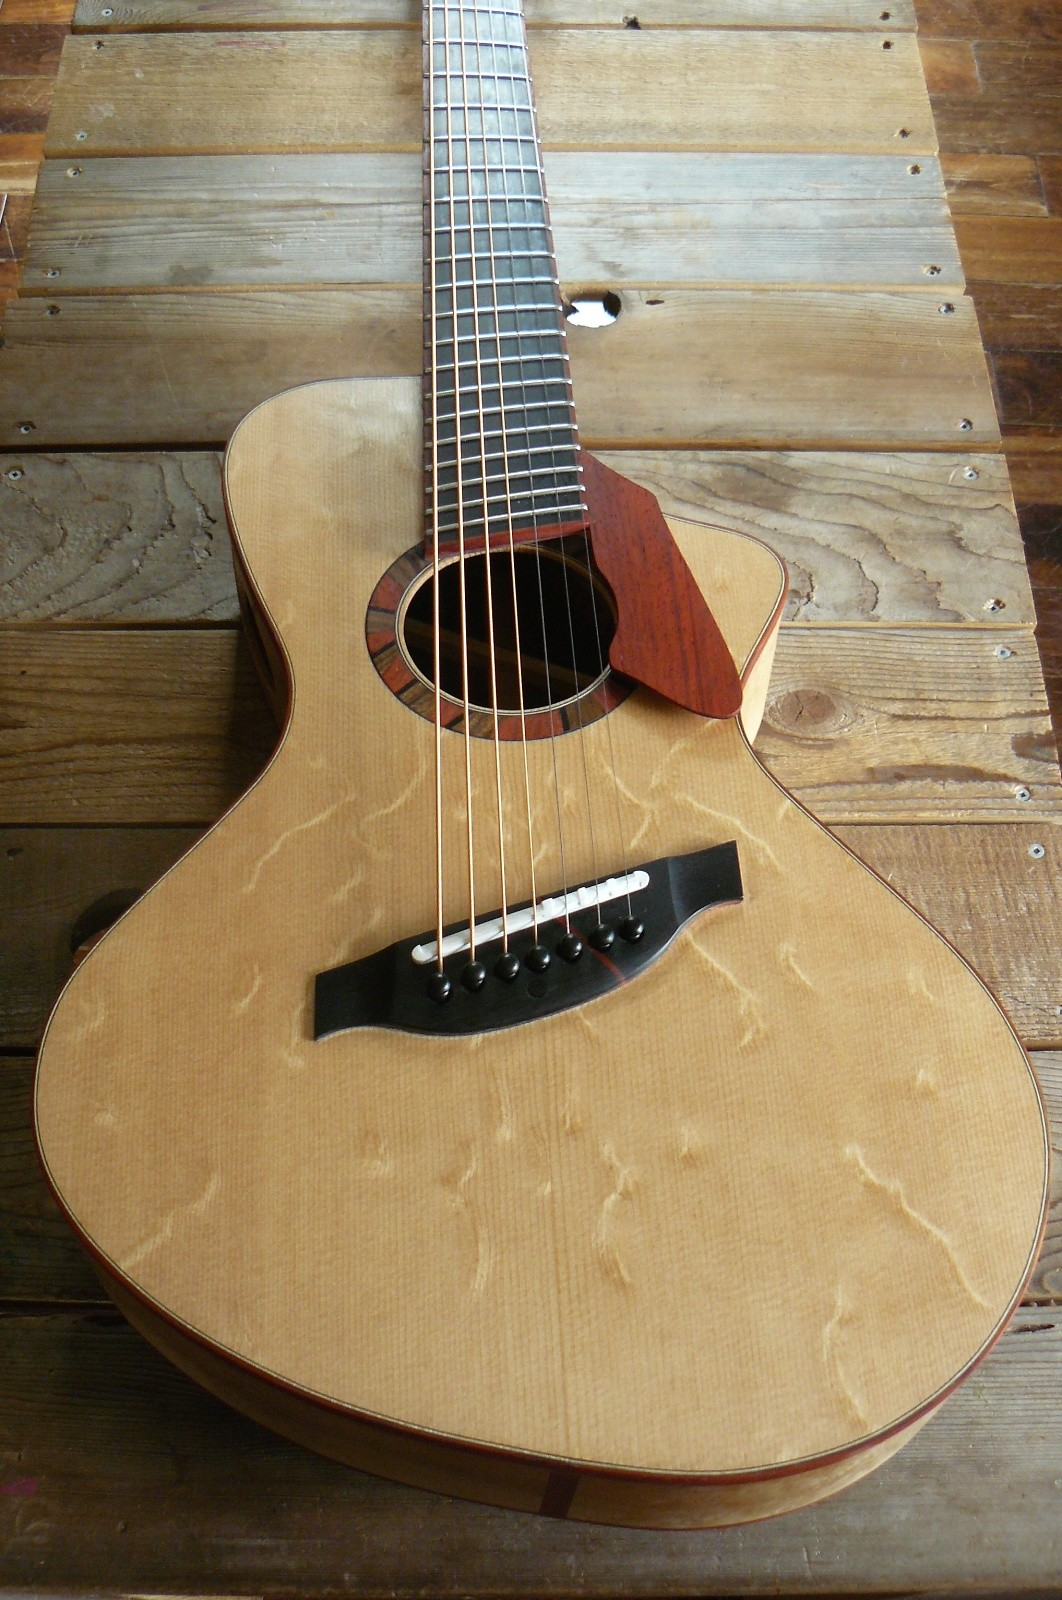 guitar blog egan 7 string fanned fret acoustic guitar. Black Bedroom Furniture Sets. Home Design Ideas